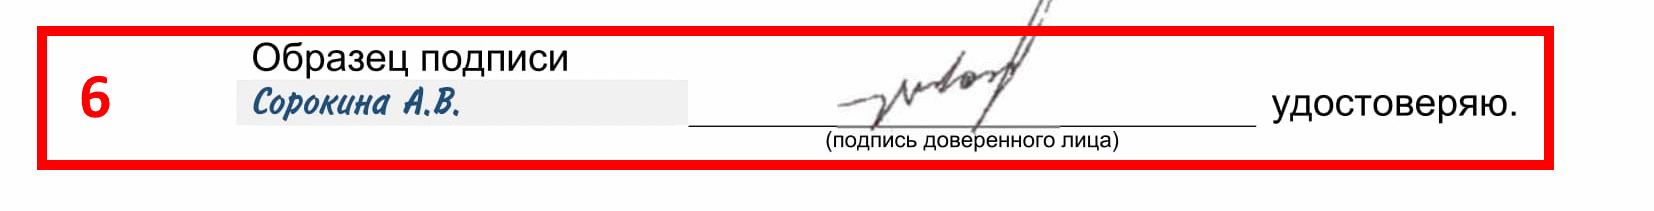 Образец подписи доверенного лица